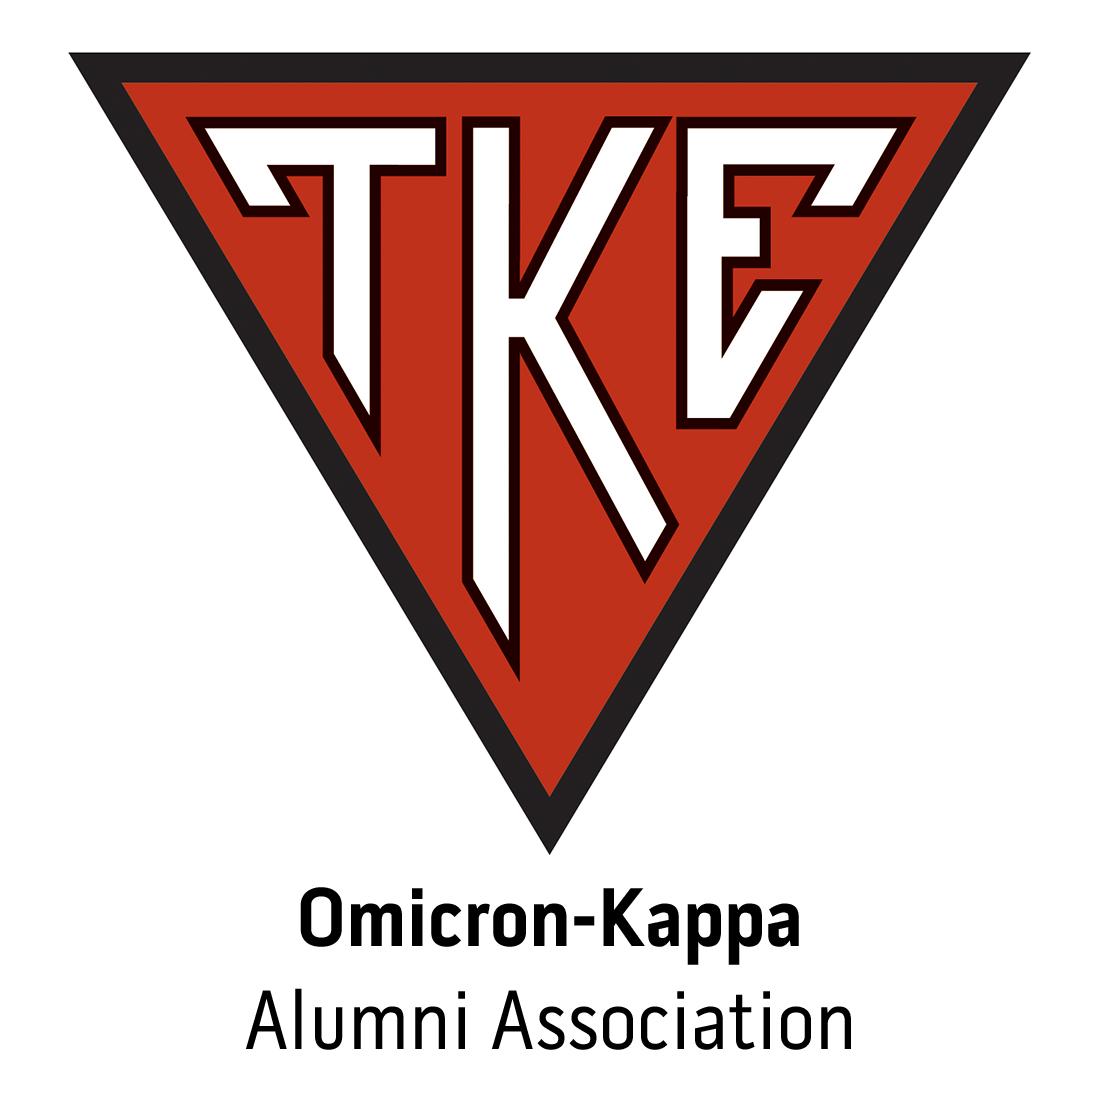 Omicron-Kappa Alumni Association for University of Louisiana at Lafayette